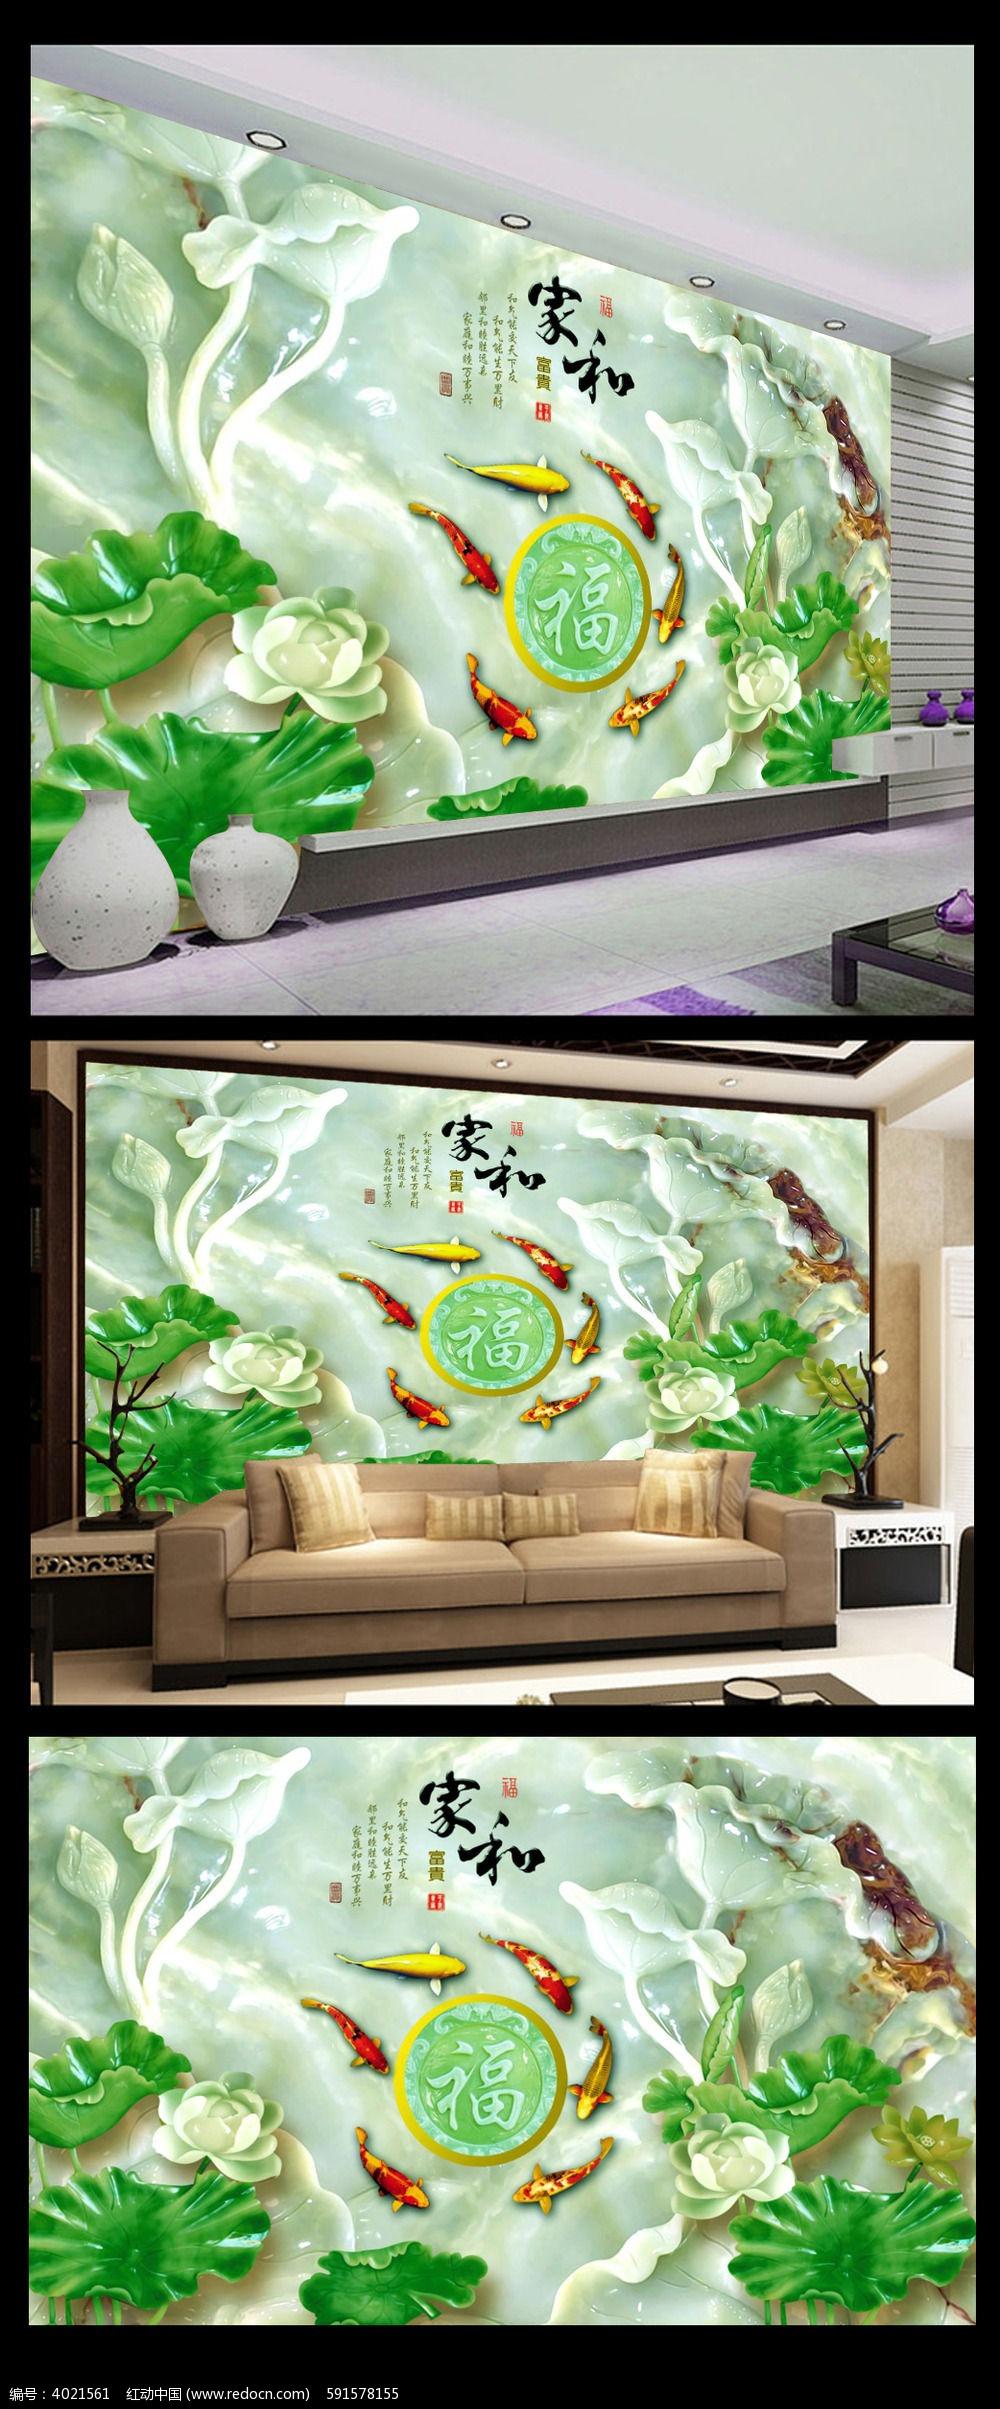 玉雕家和富贵电视背景墙图片